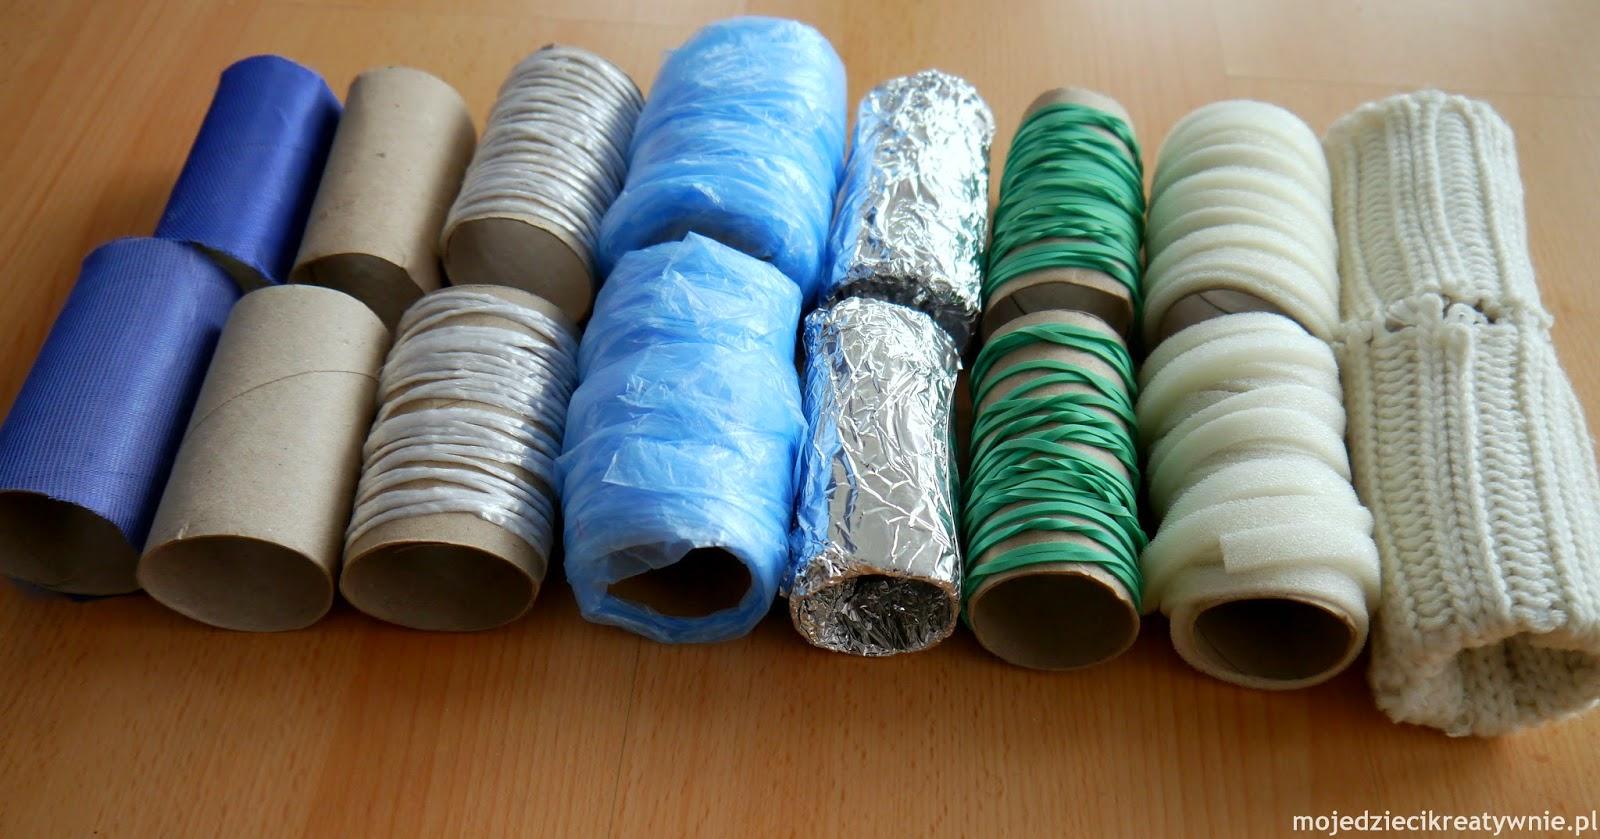 zabawy z rolkami po papierze toaletowym